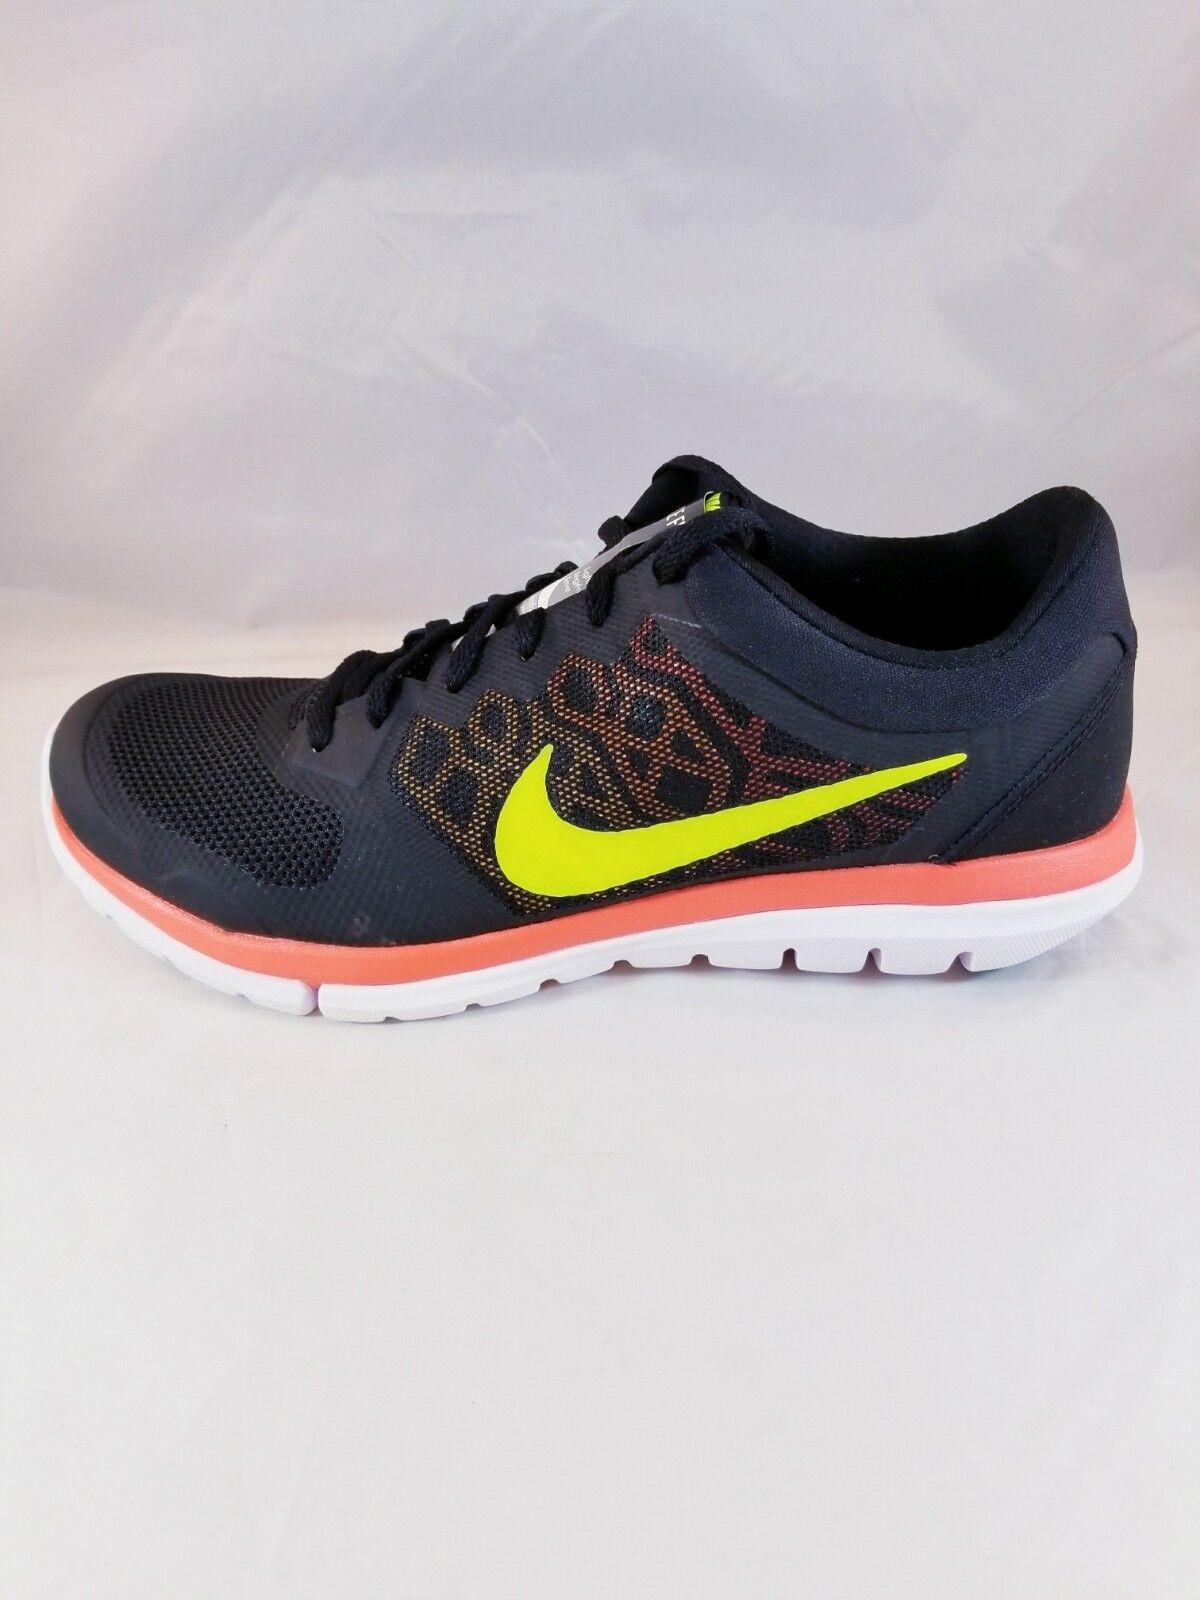 hommes hommes hommes femmes hommes flex 2015 rn nike taille de chaussures de course 709022 017 9,5 divers vh56122 ventes italie mode moderne de conception nouvelle ca6926